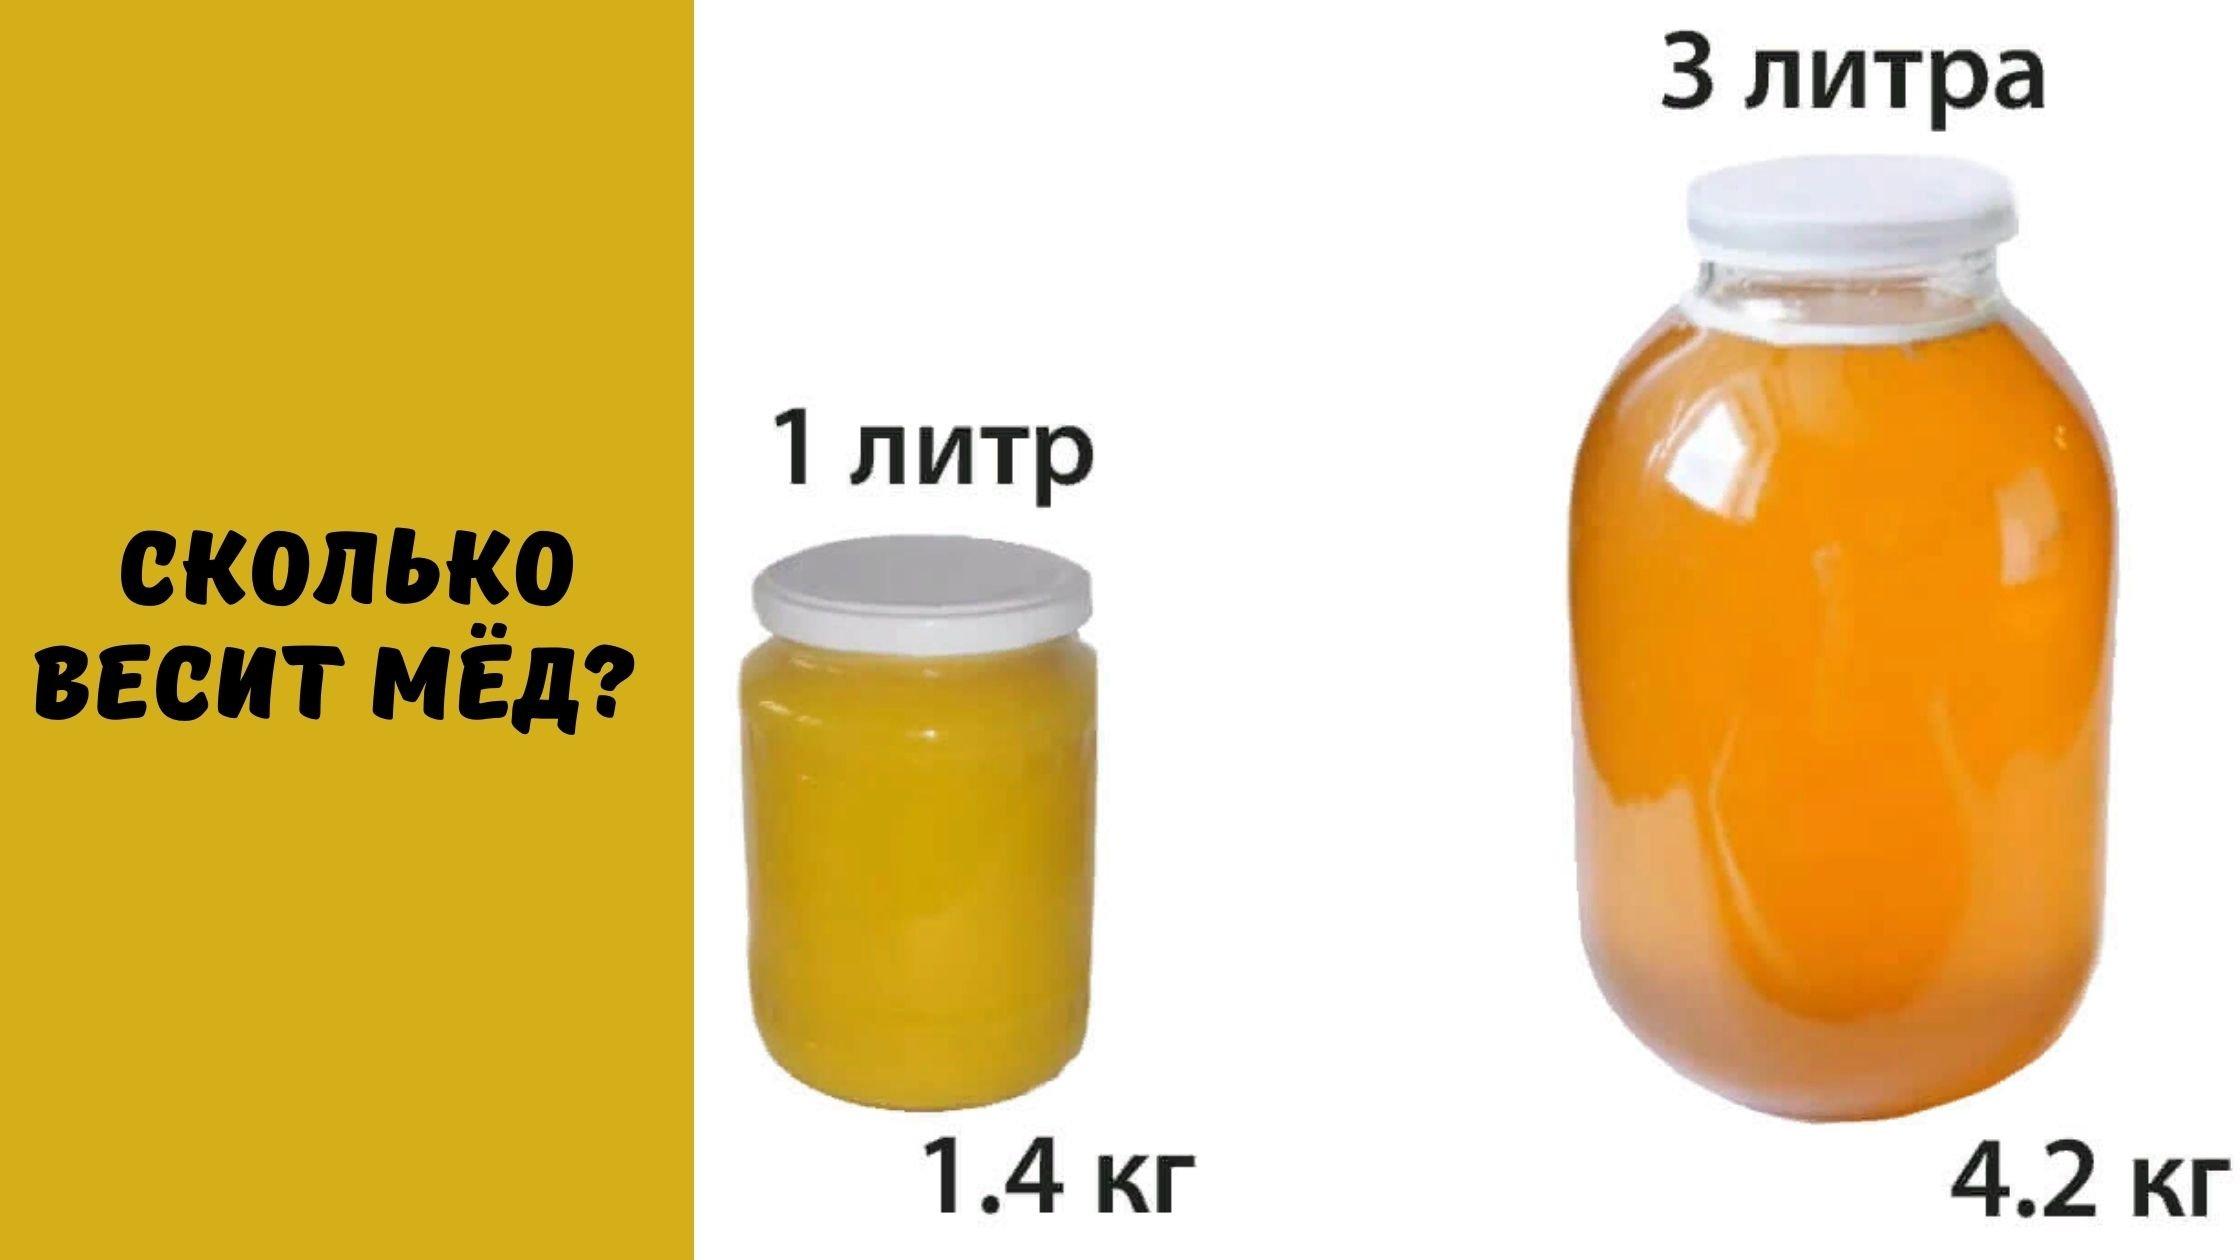 сколько весит мёд